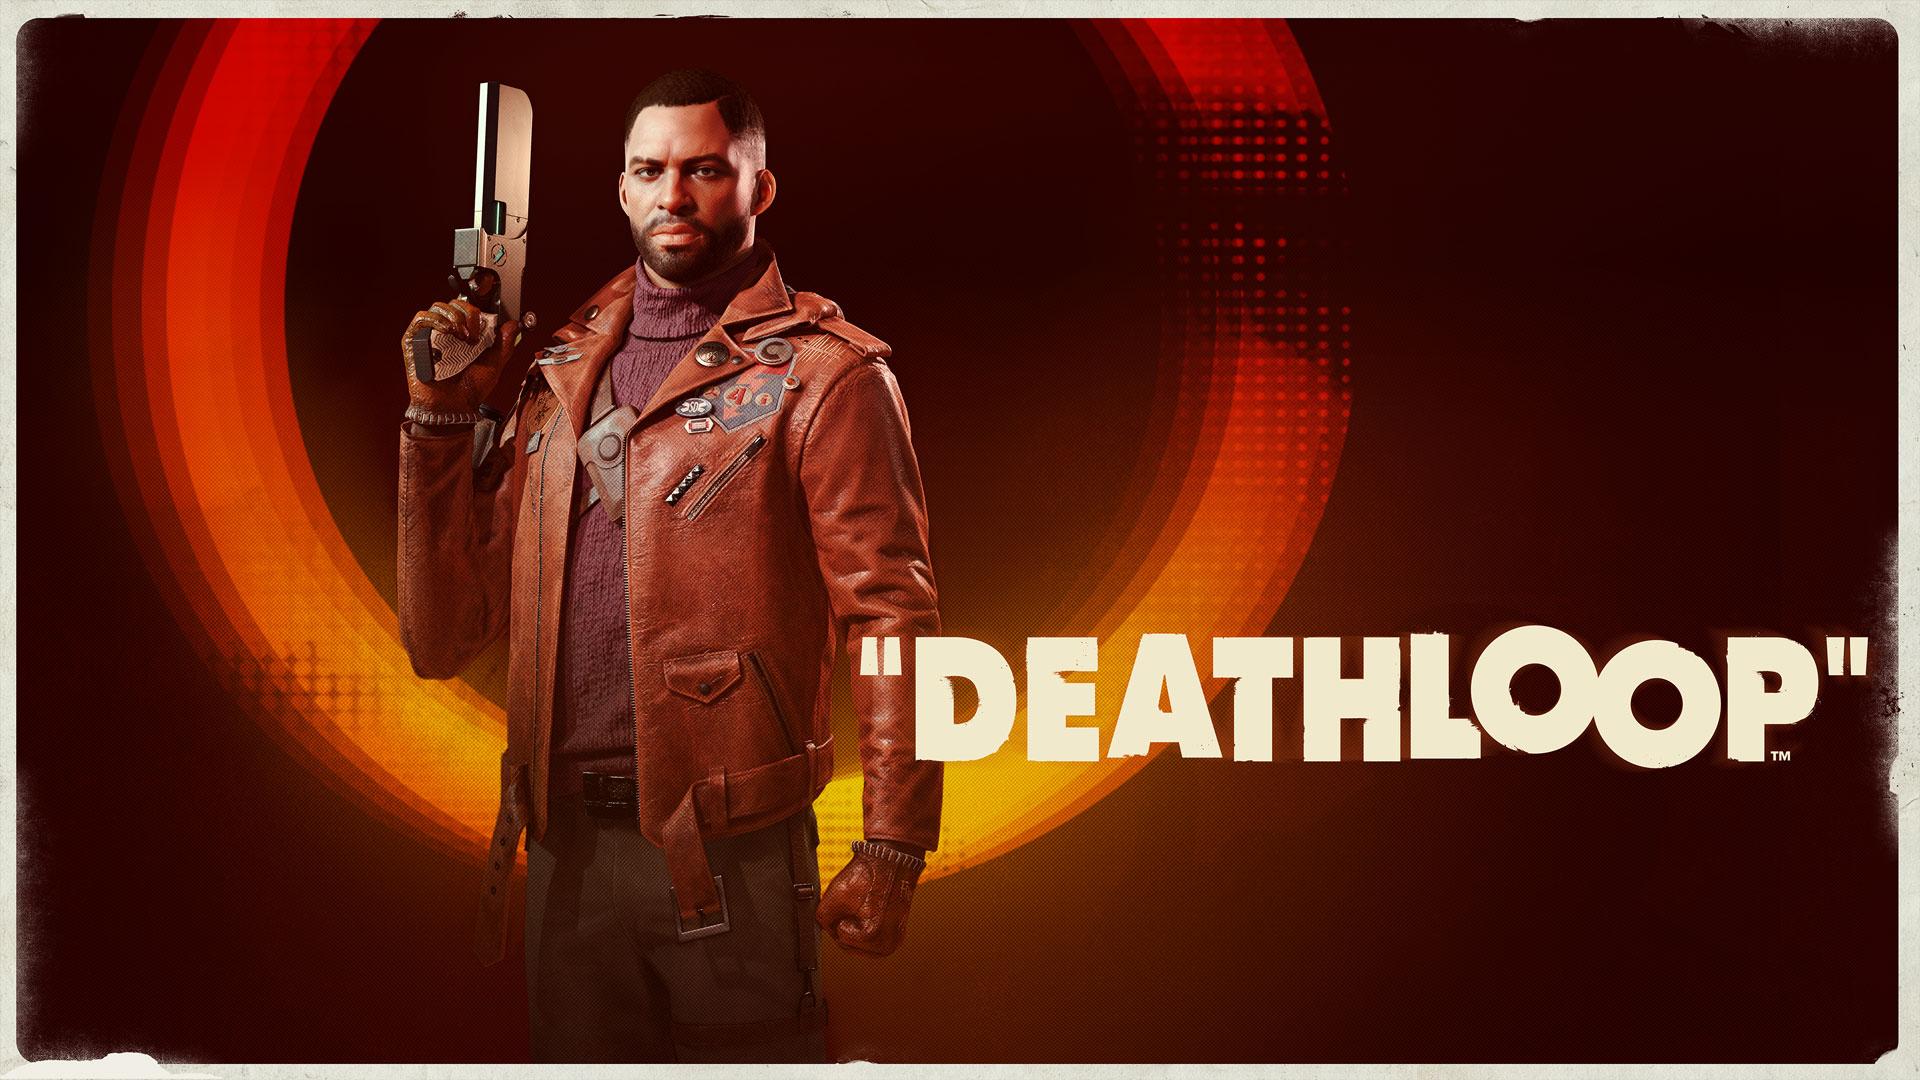 Deathloop-logo2.jpg